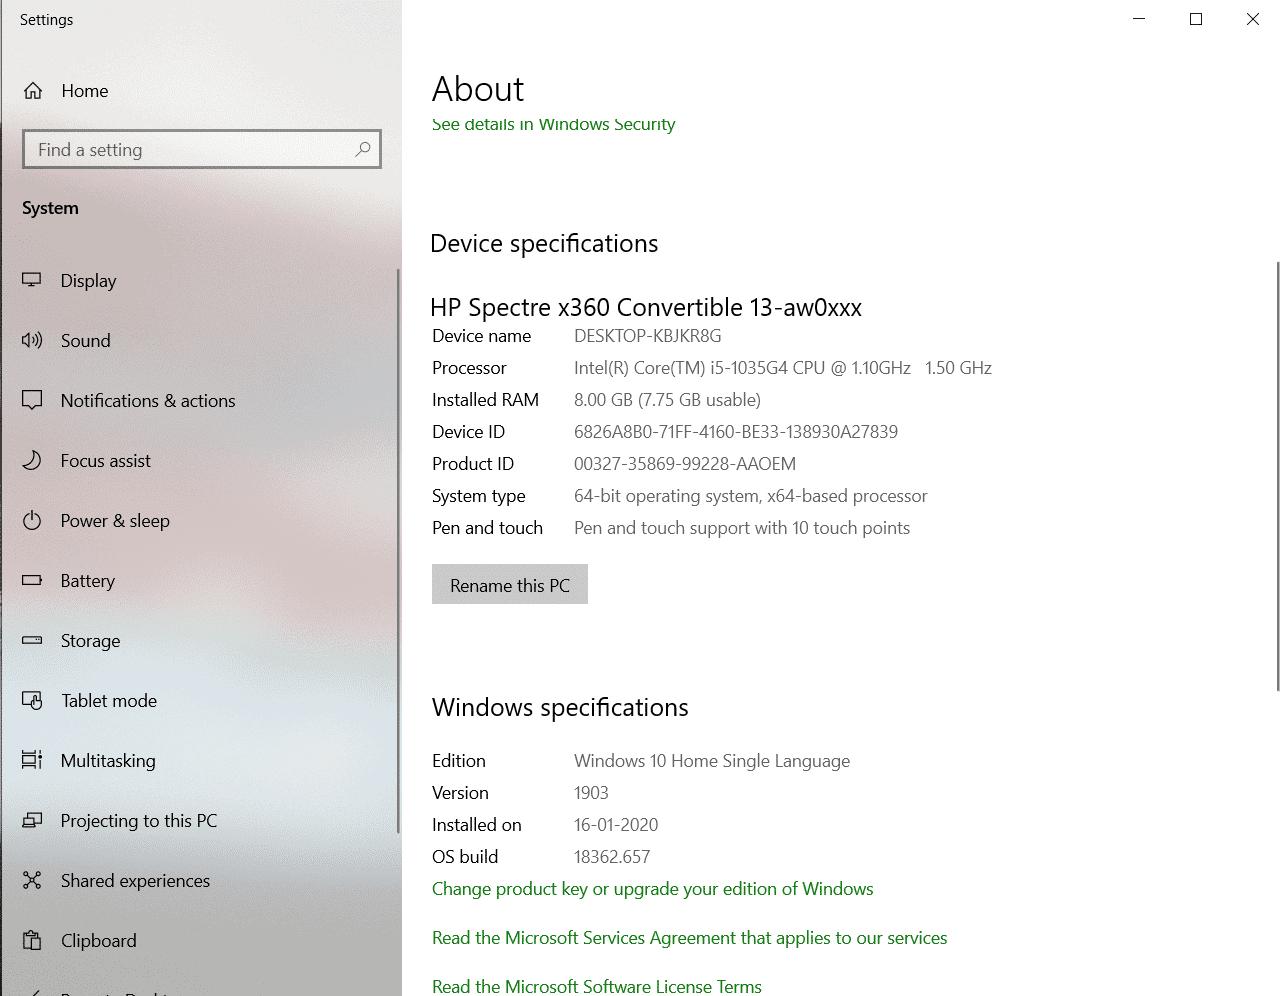 သင်၏ Windows 10 Device တွင် RAM မည်မျှရှိသနည်း။